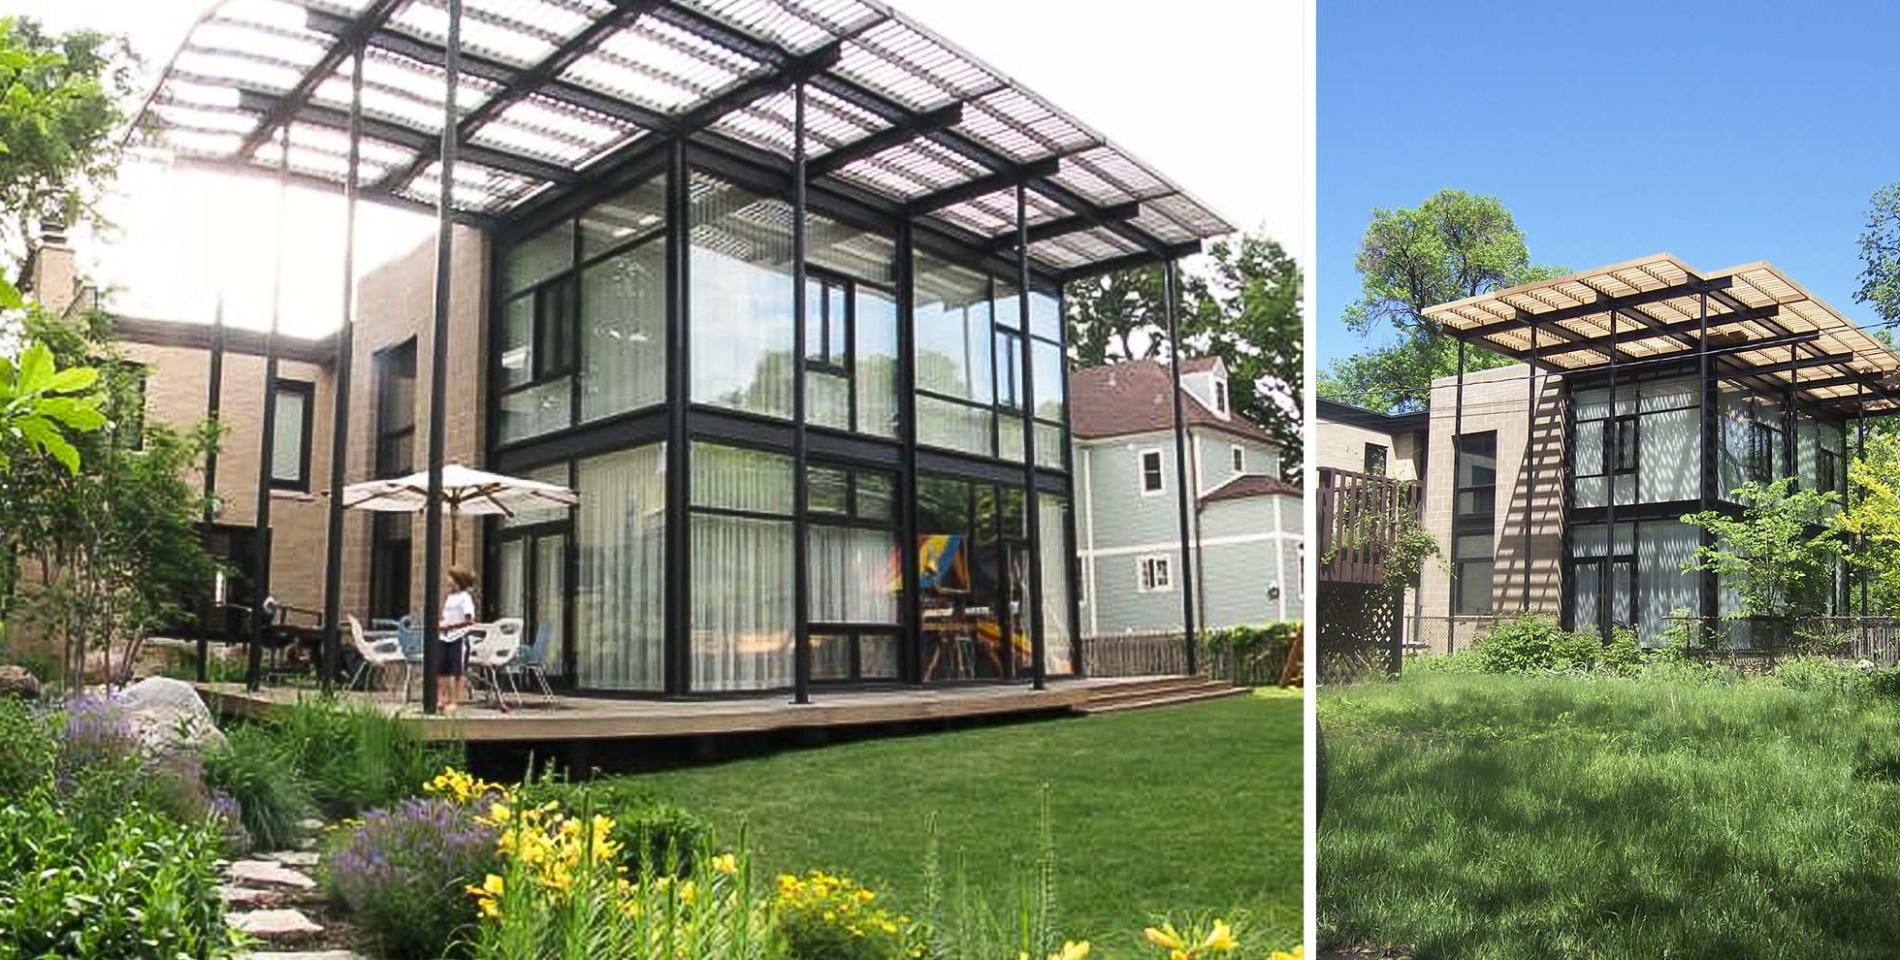 casa-unifamiliar-en-oak-park-chicago-illinois-4